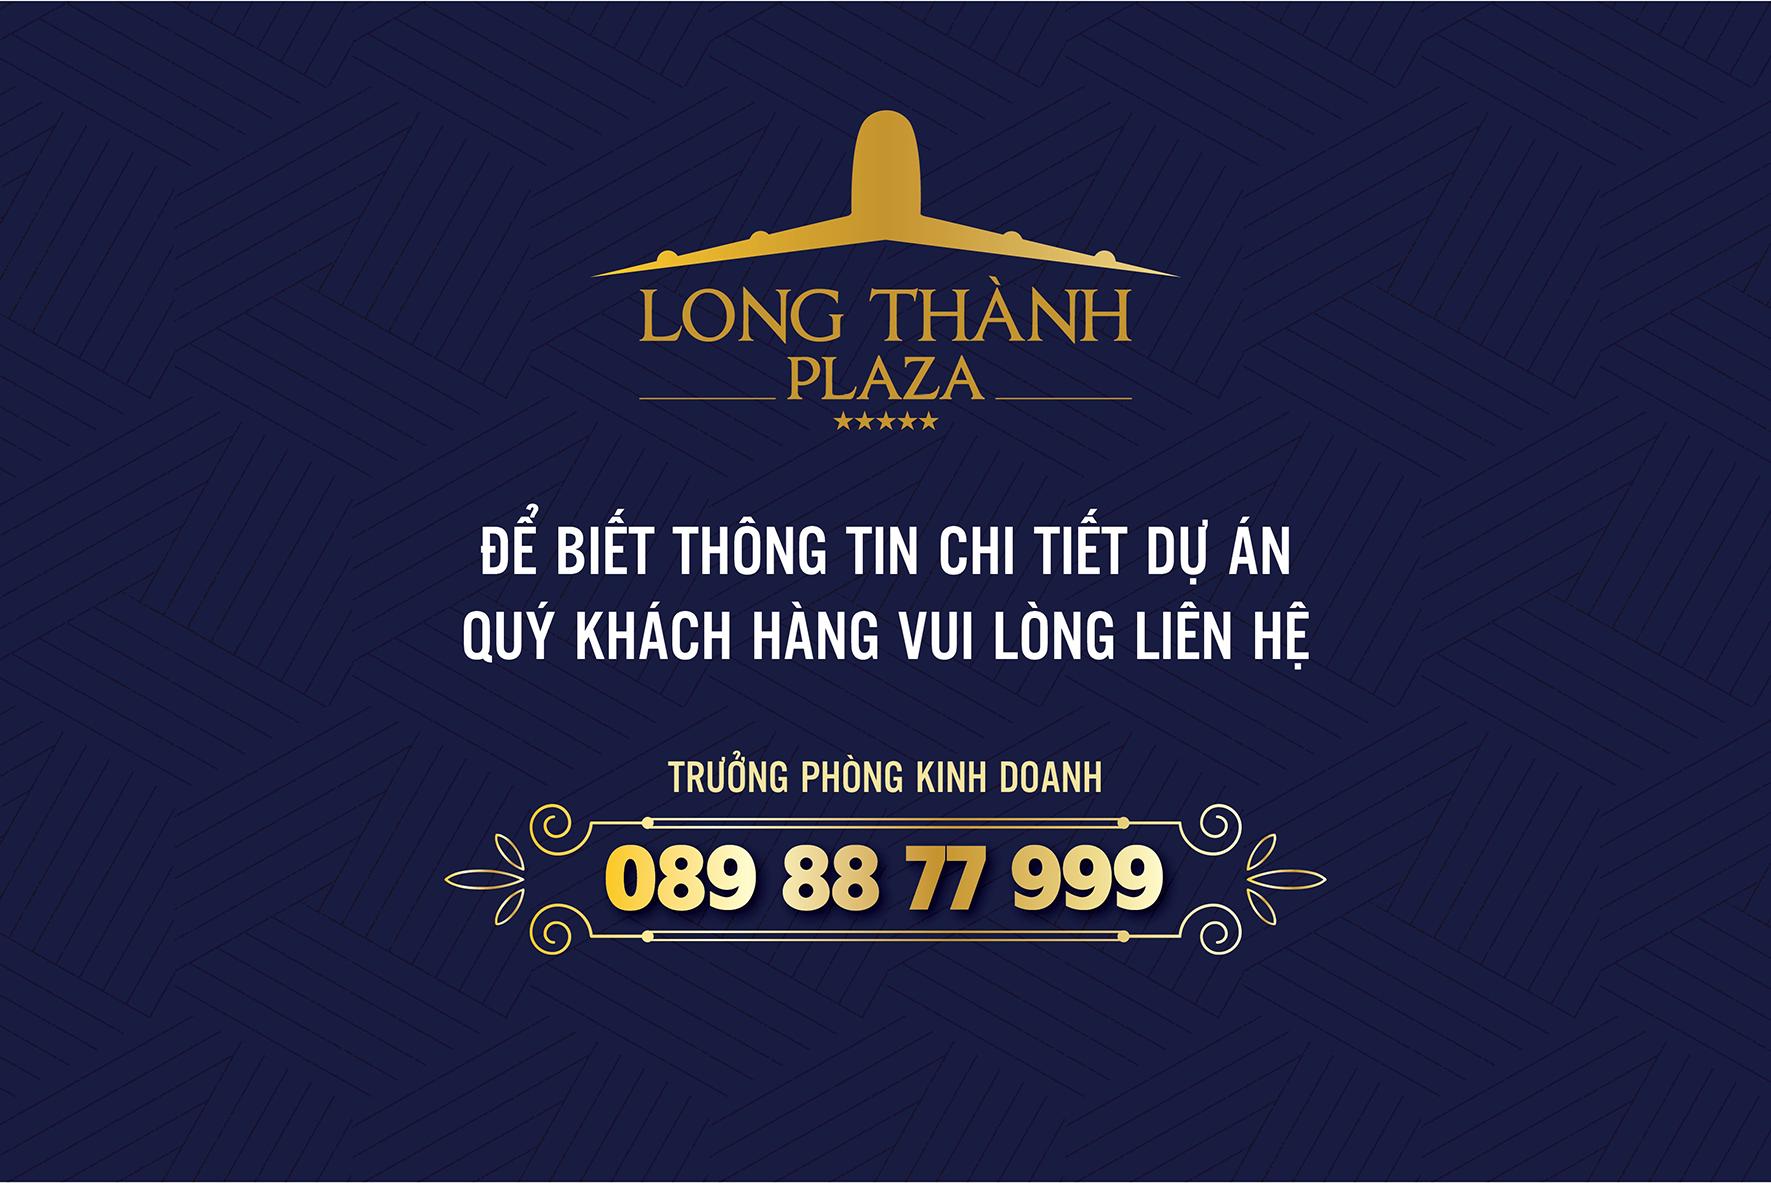 (Tiếng Việt) Long Thành Plaza